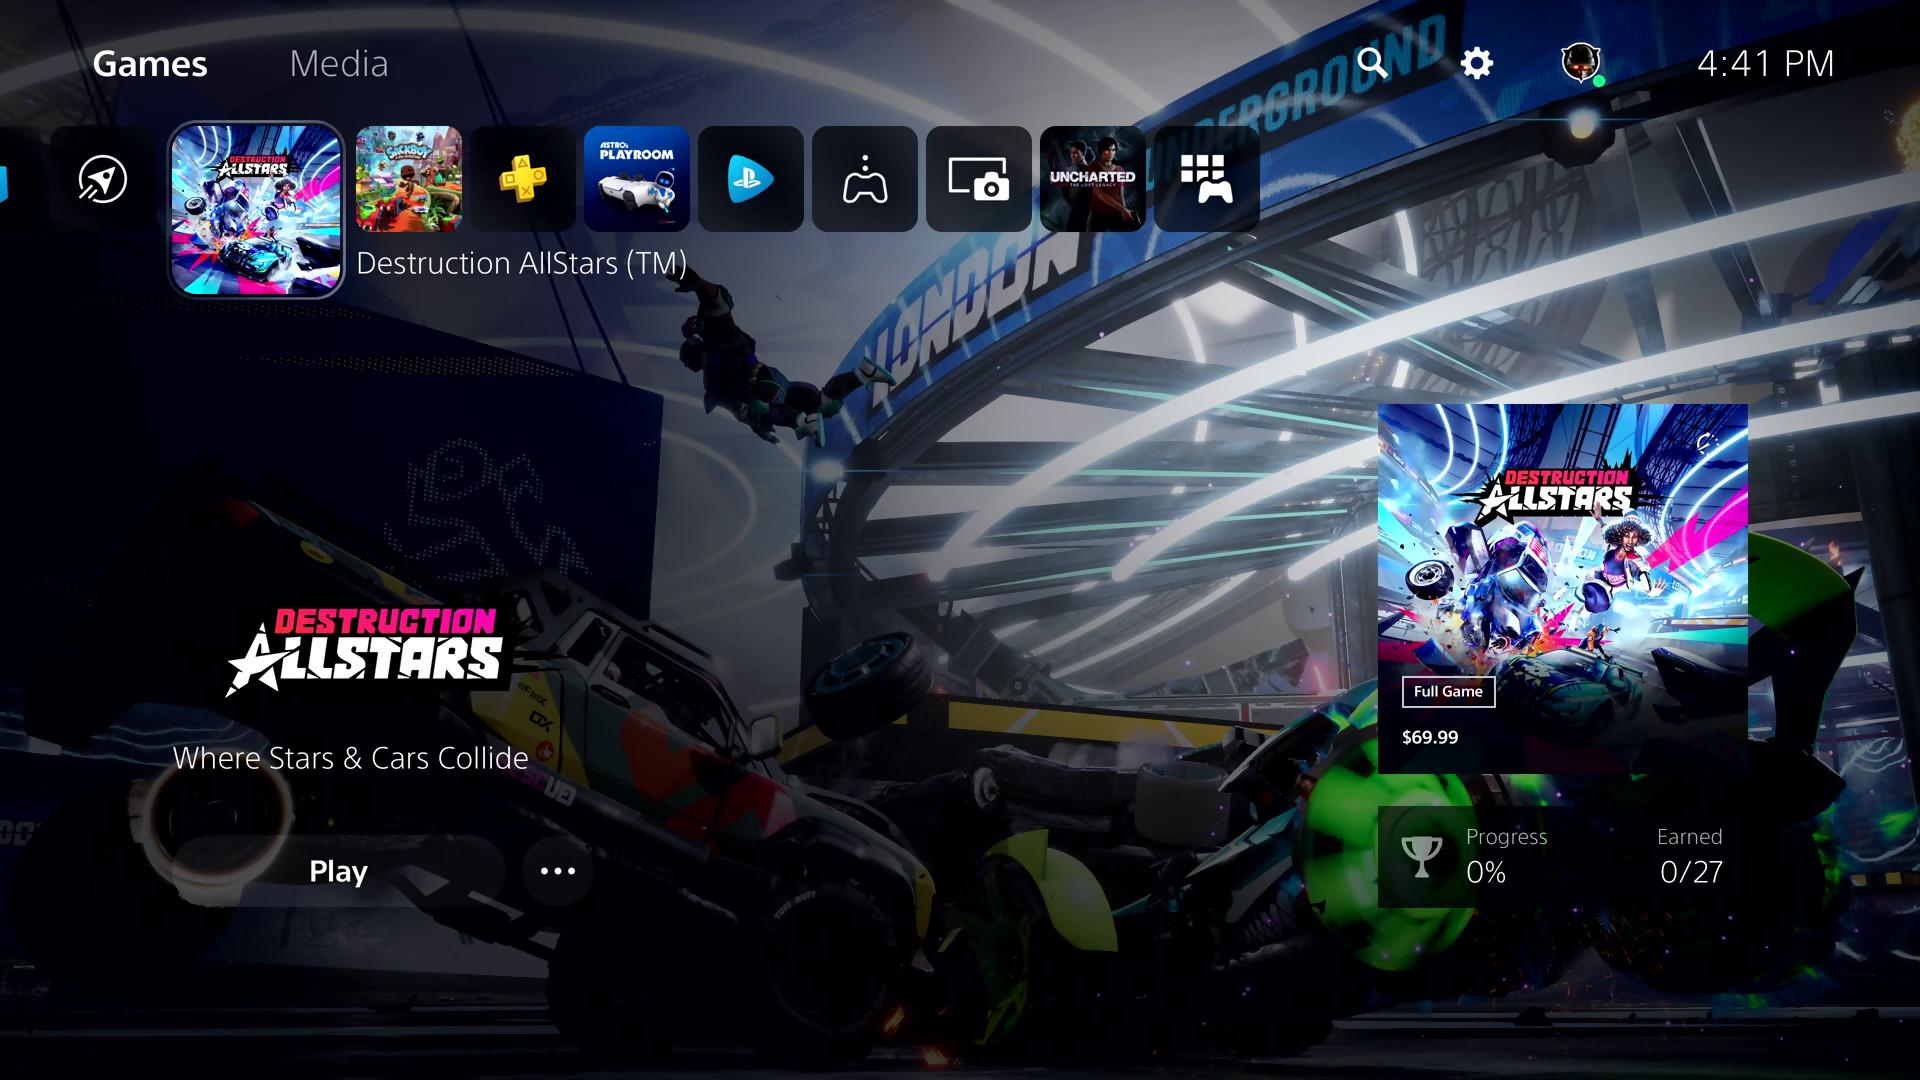 PS5 : Un premier aperçu officiel de l'interface